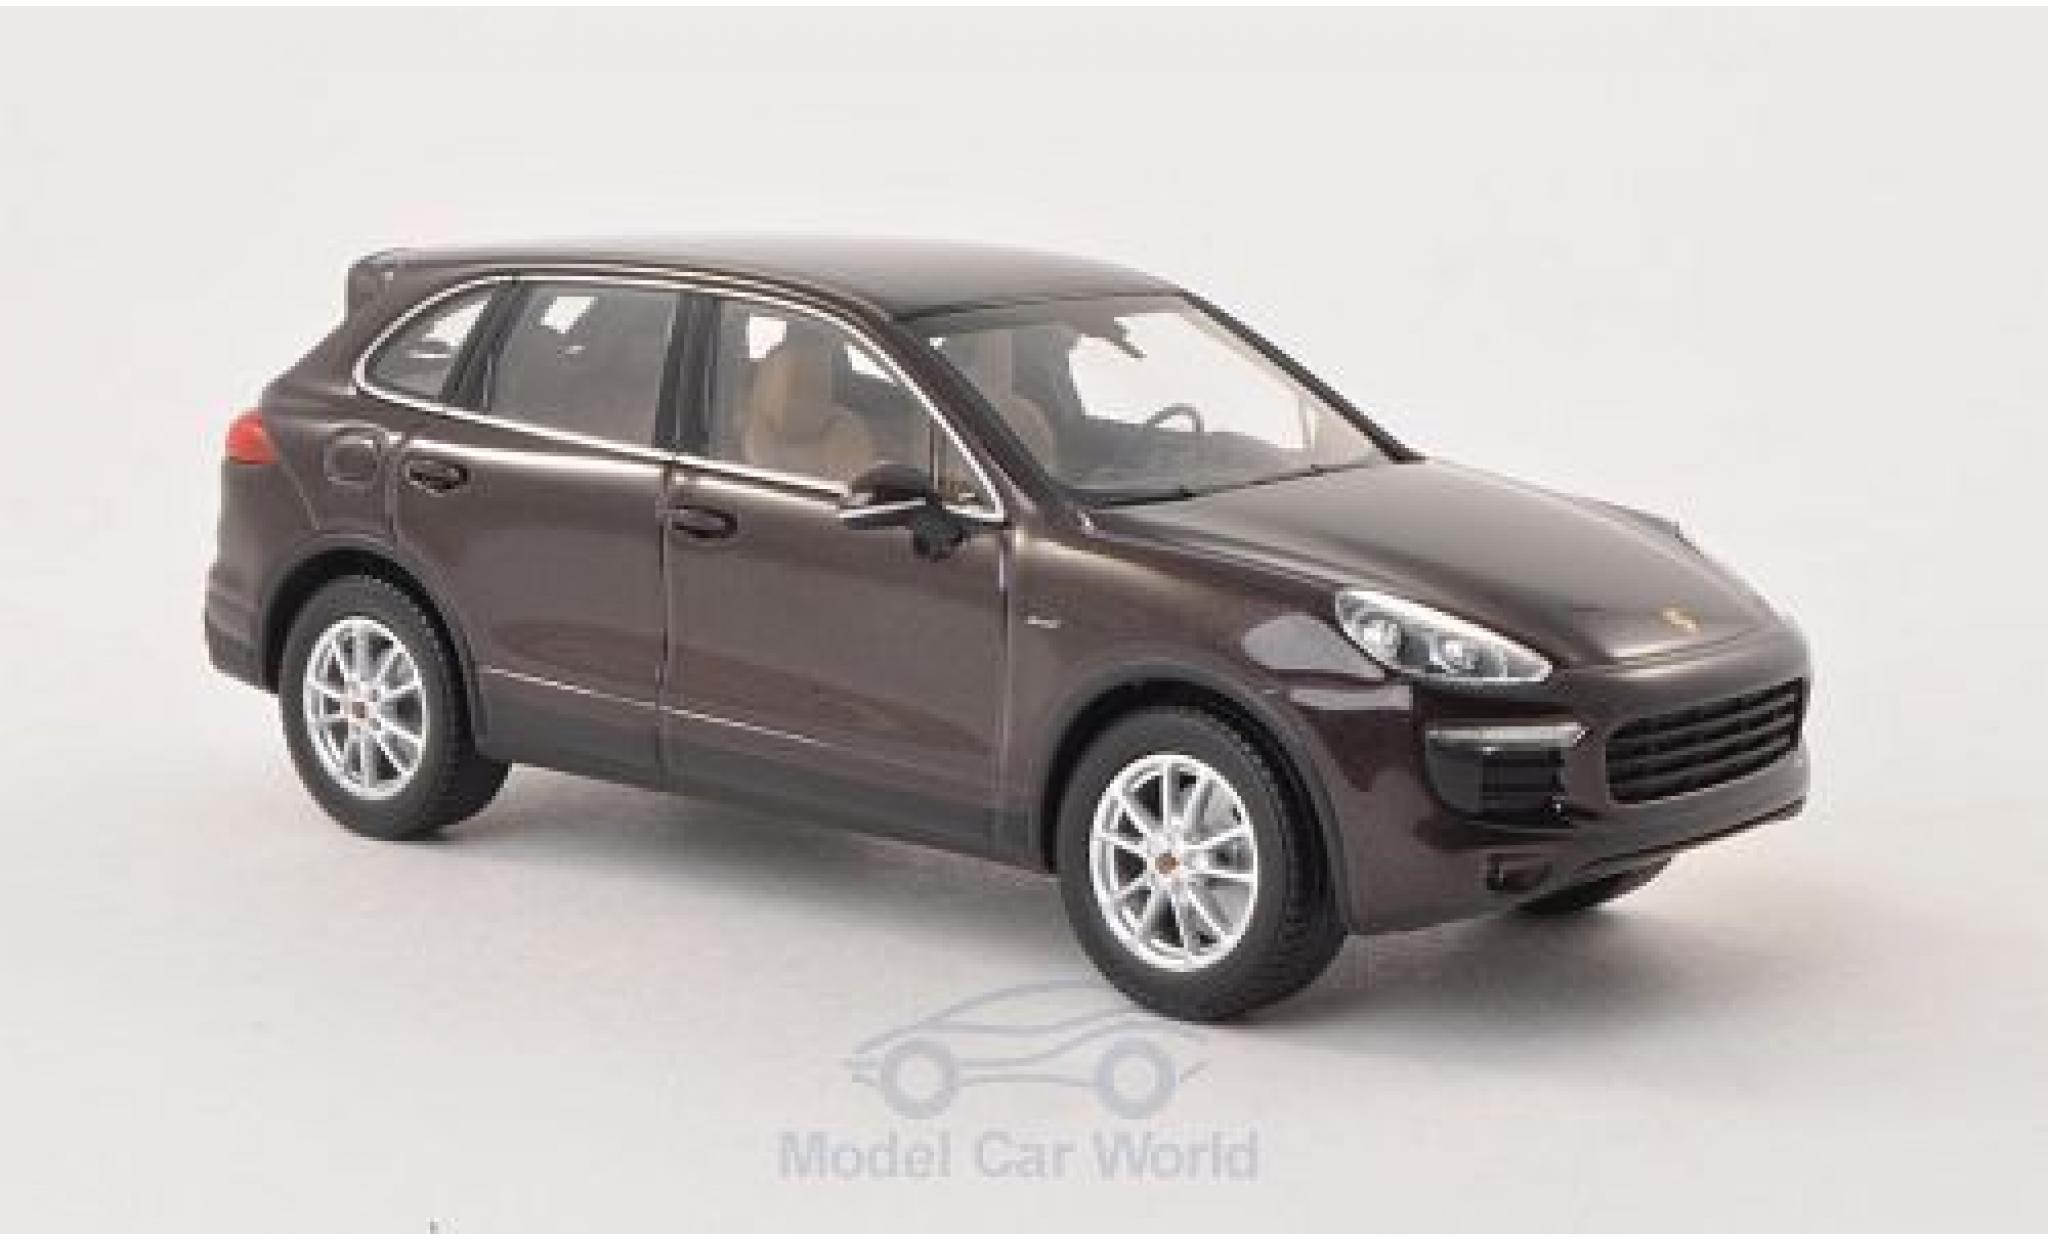 Porsche Cayenne 1/43 Minichamps metallic brown 2014 Diesel (92A)